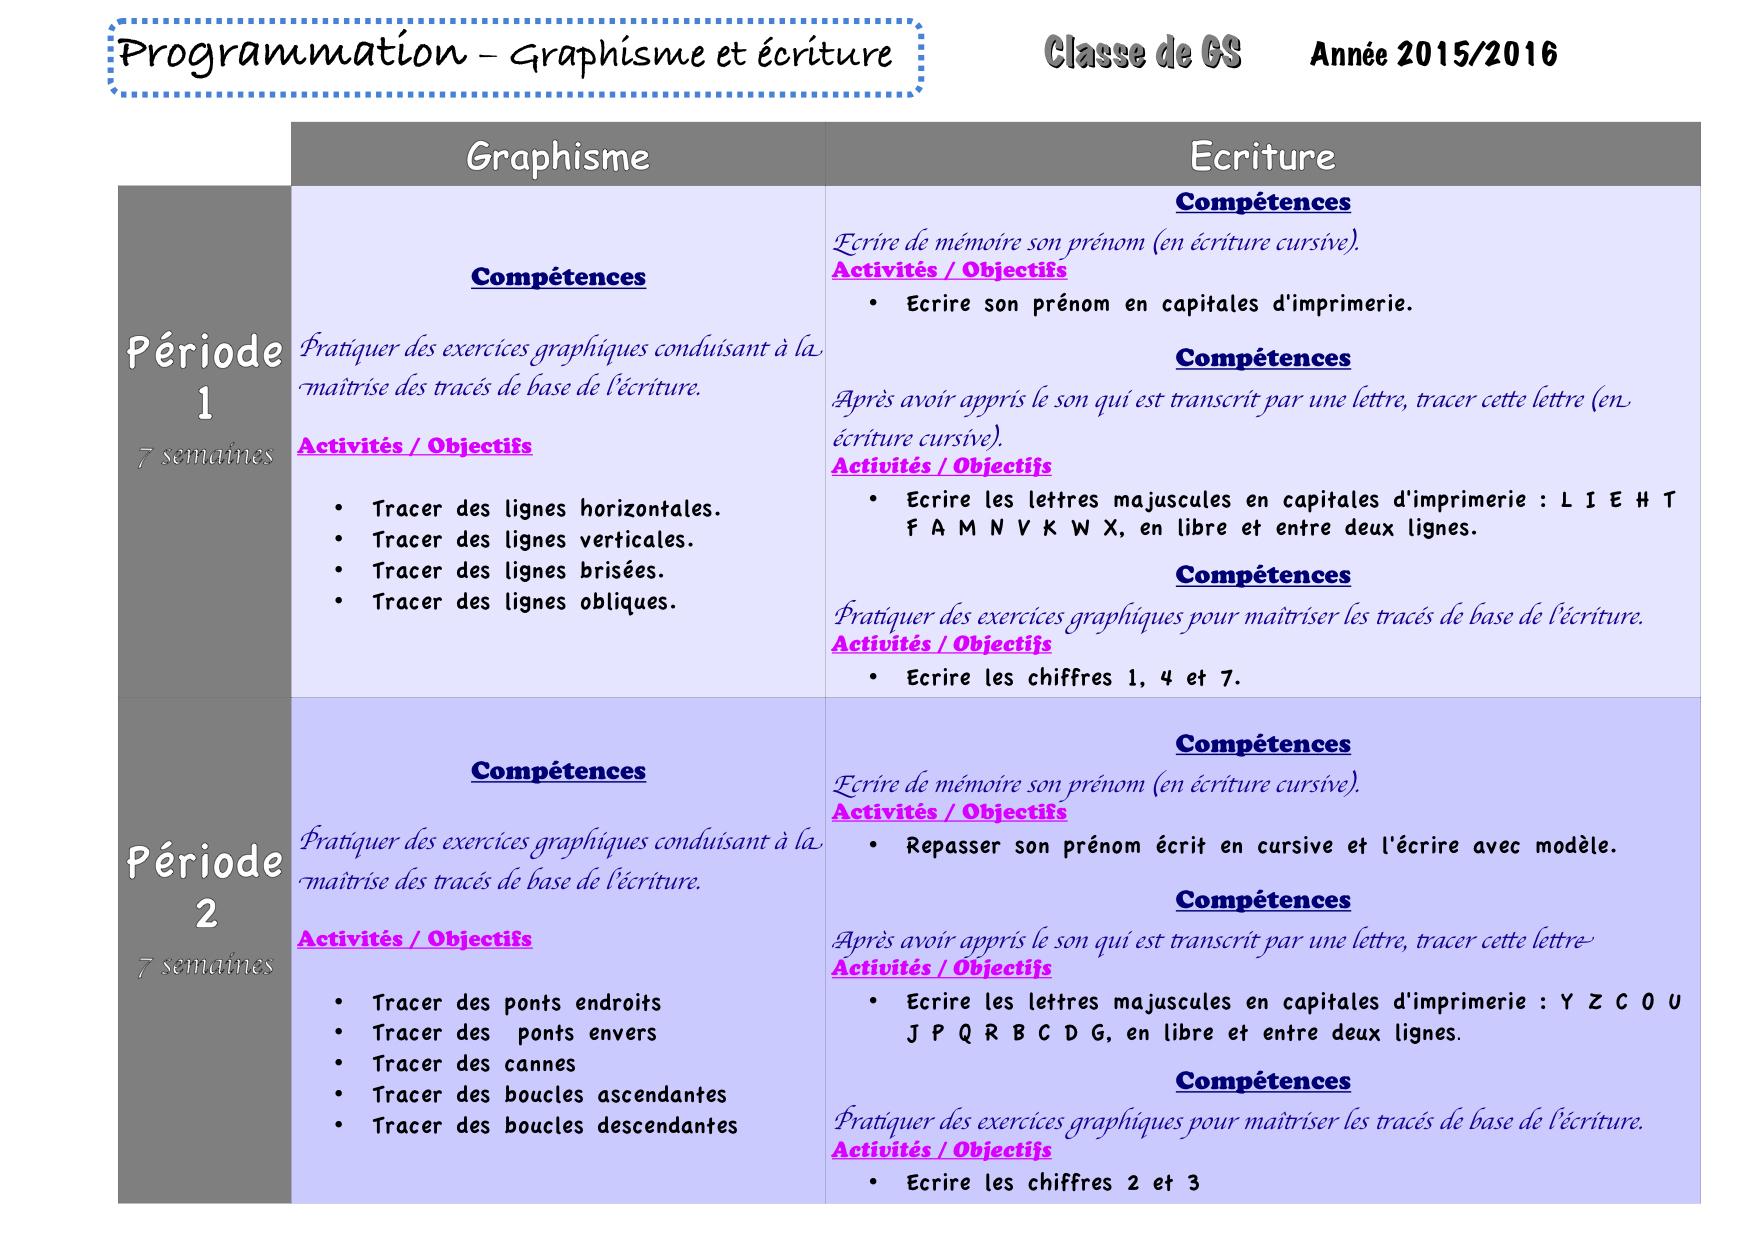 Programmation Graphisme Gs 2016/2017 - La Classe De Luccia ! concernant Écriture Chiffres Gs